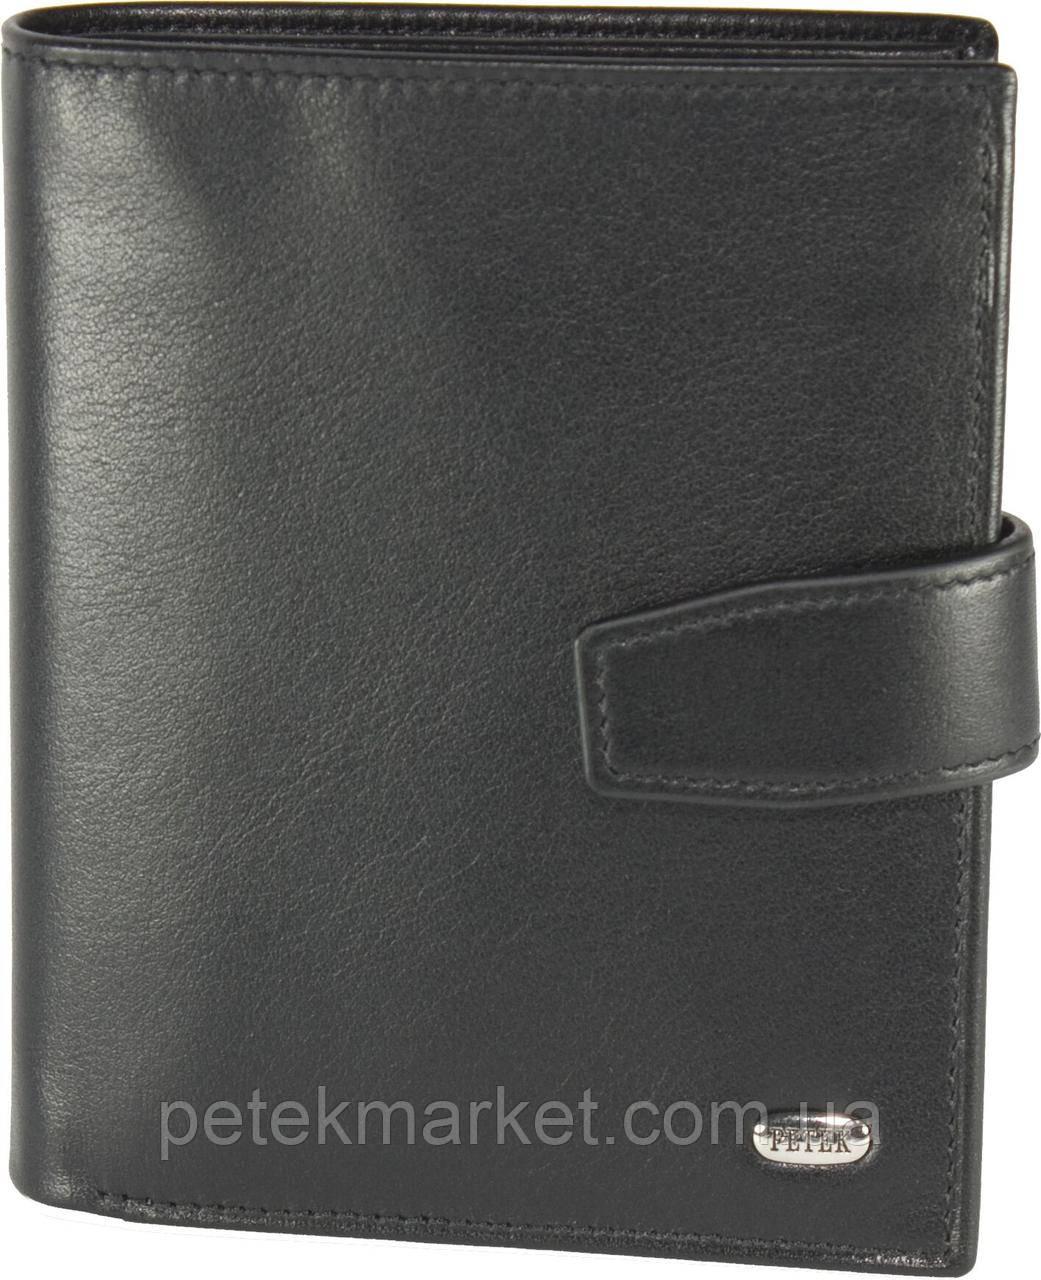 Кожаное мужское портмоне Petek 287-000-01